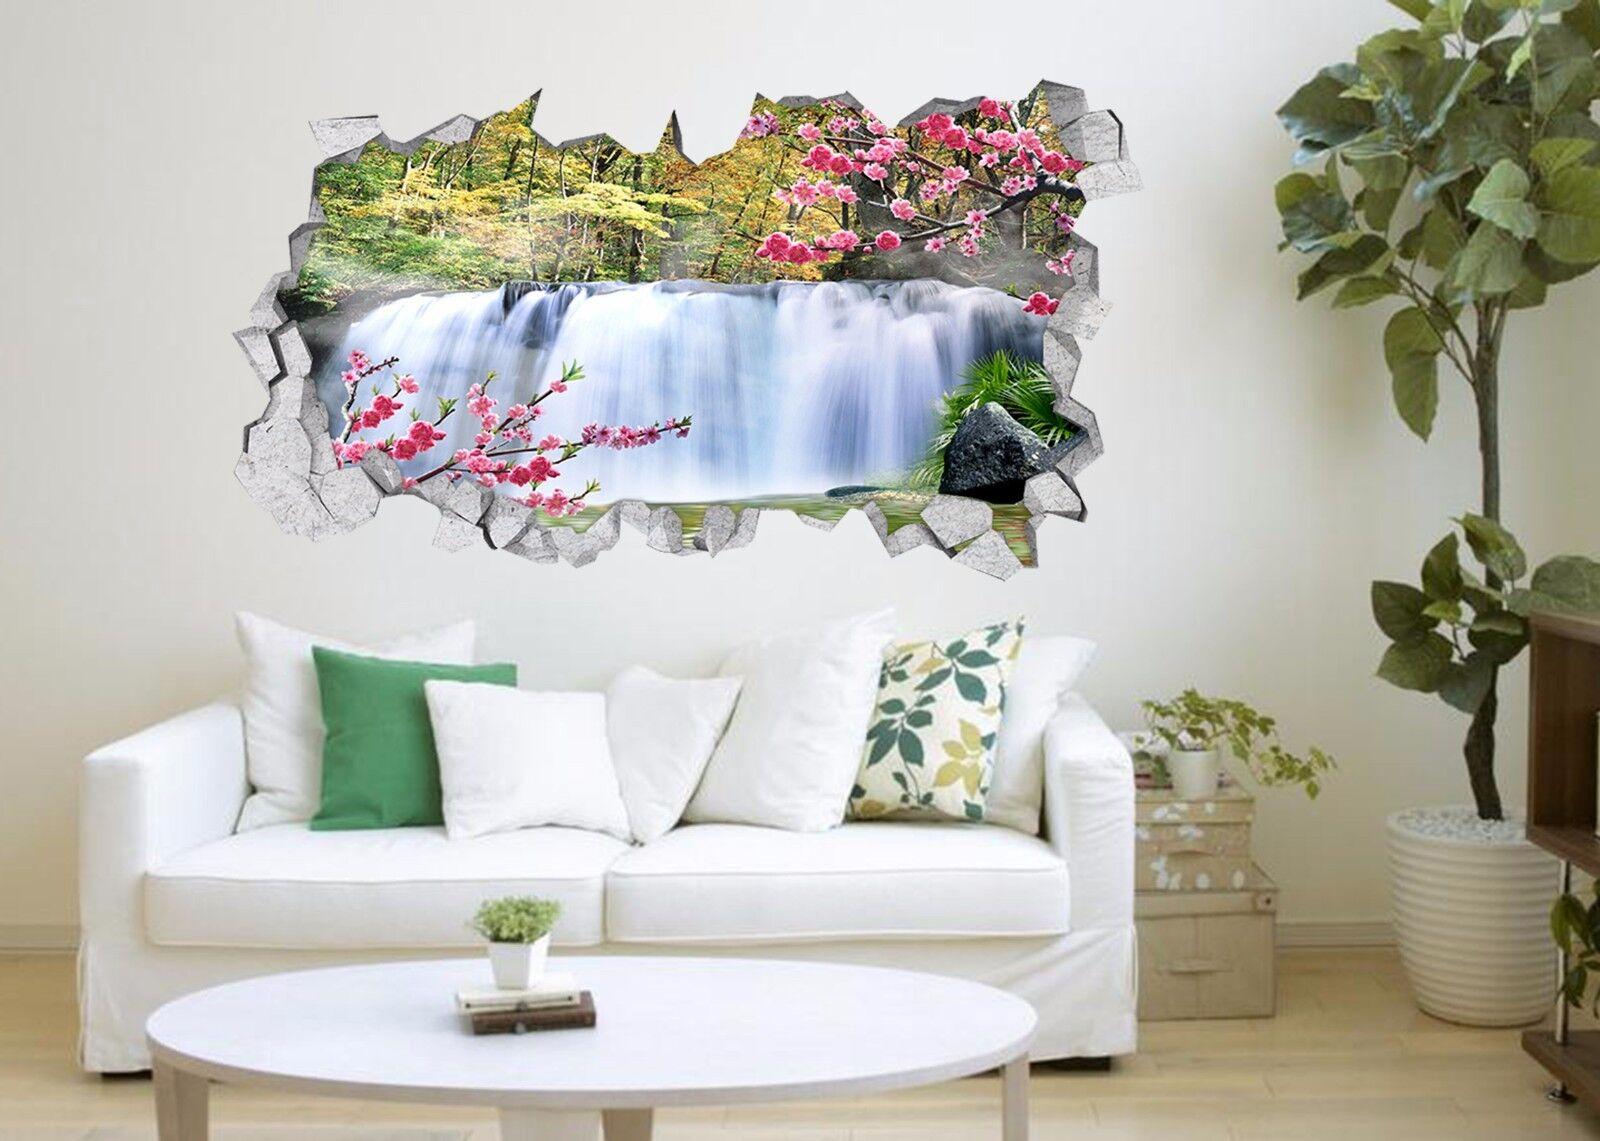 3D Wasserfall 733   Mauer Murals Mauer Aufklebe Decal Durchbruch AJ WALLPAPER DE